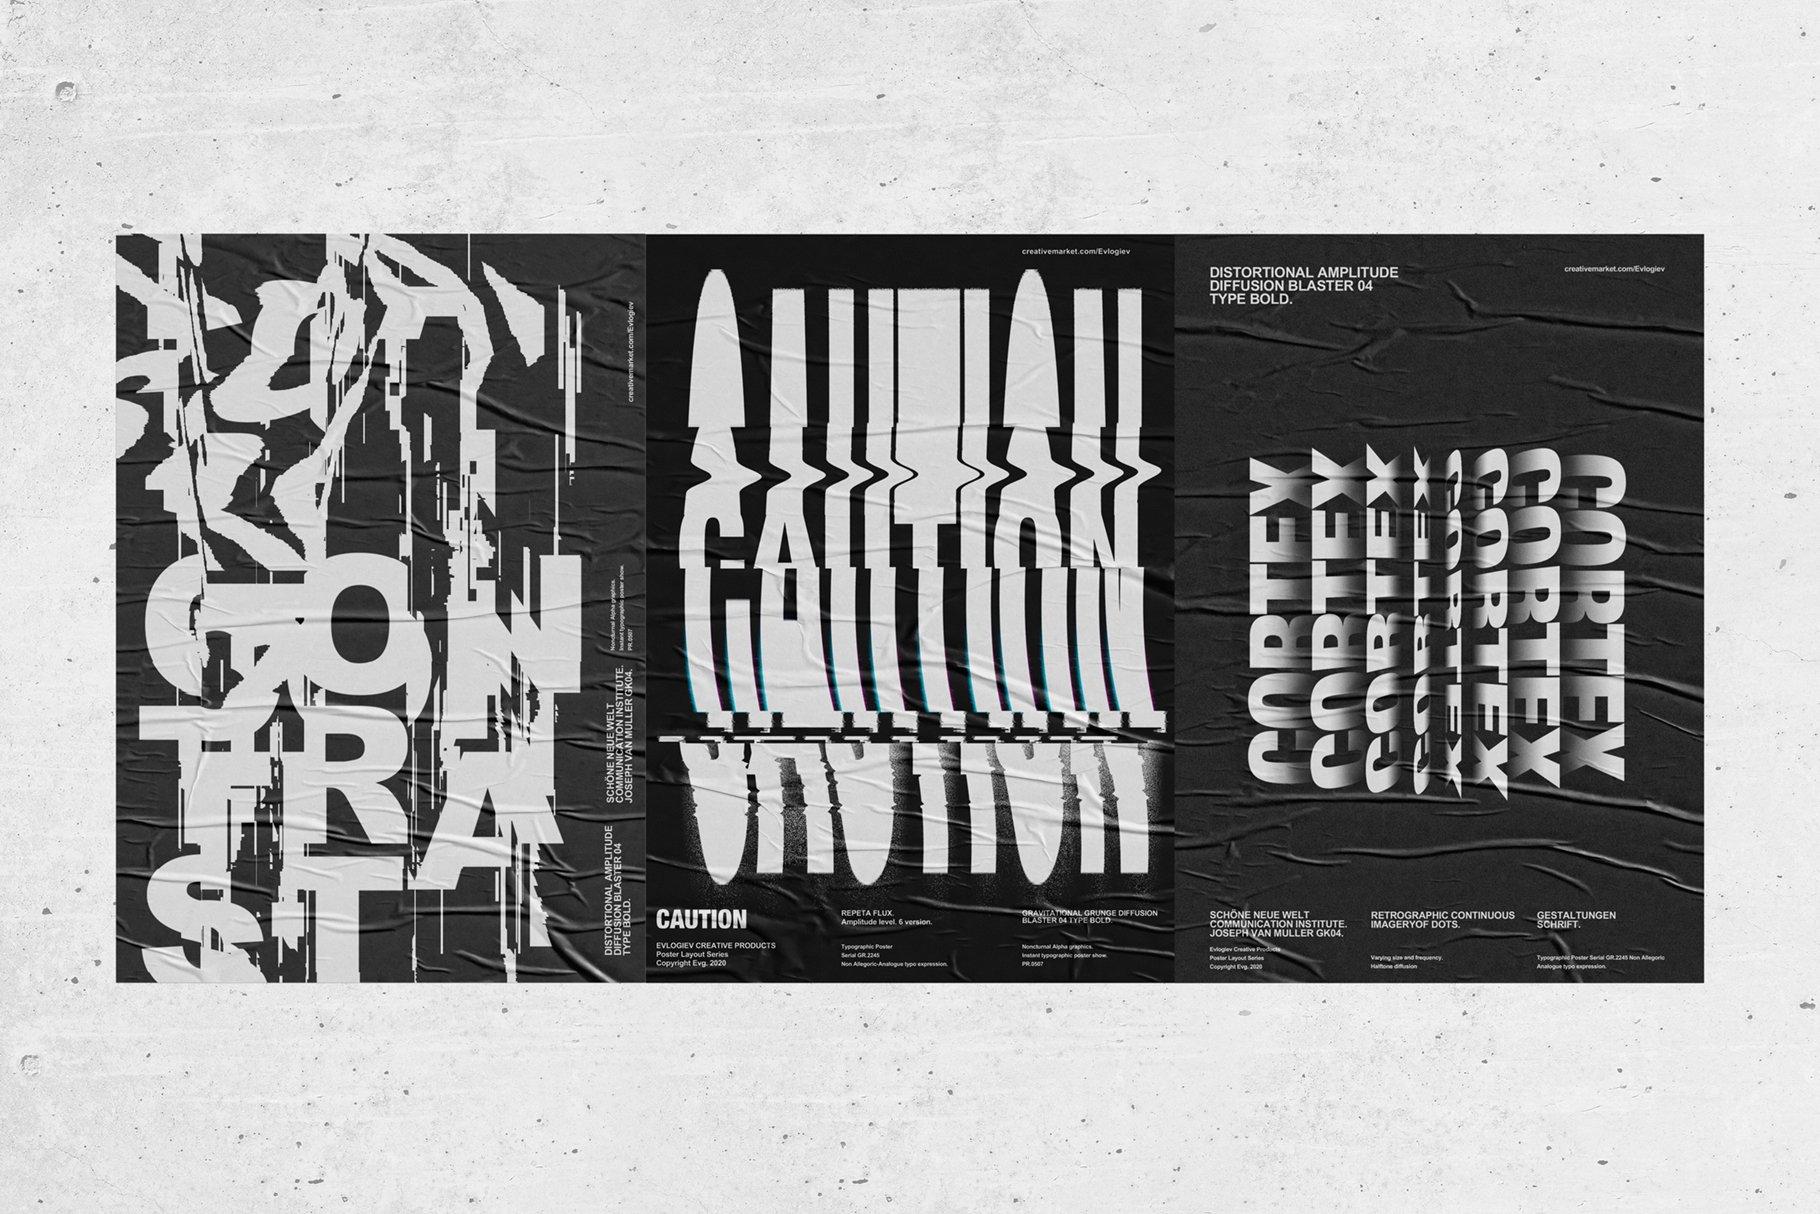 20款创意抽象主视觉海报标题特效字体设计智能贴图样机模板 Typographic Poster Layouts No.01插图(4)